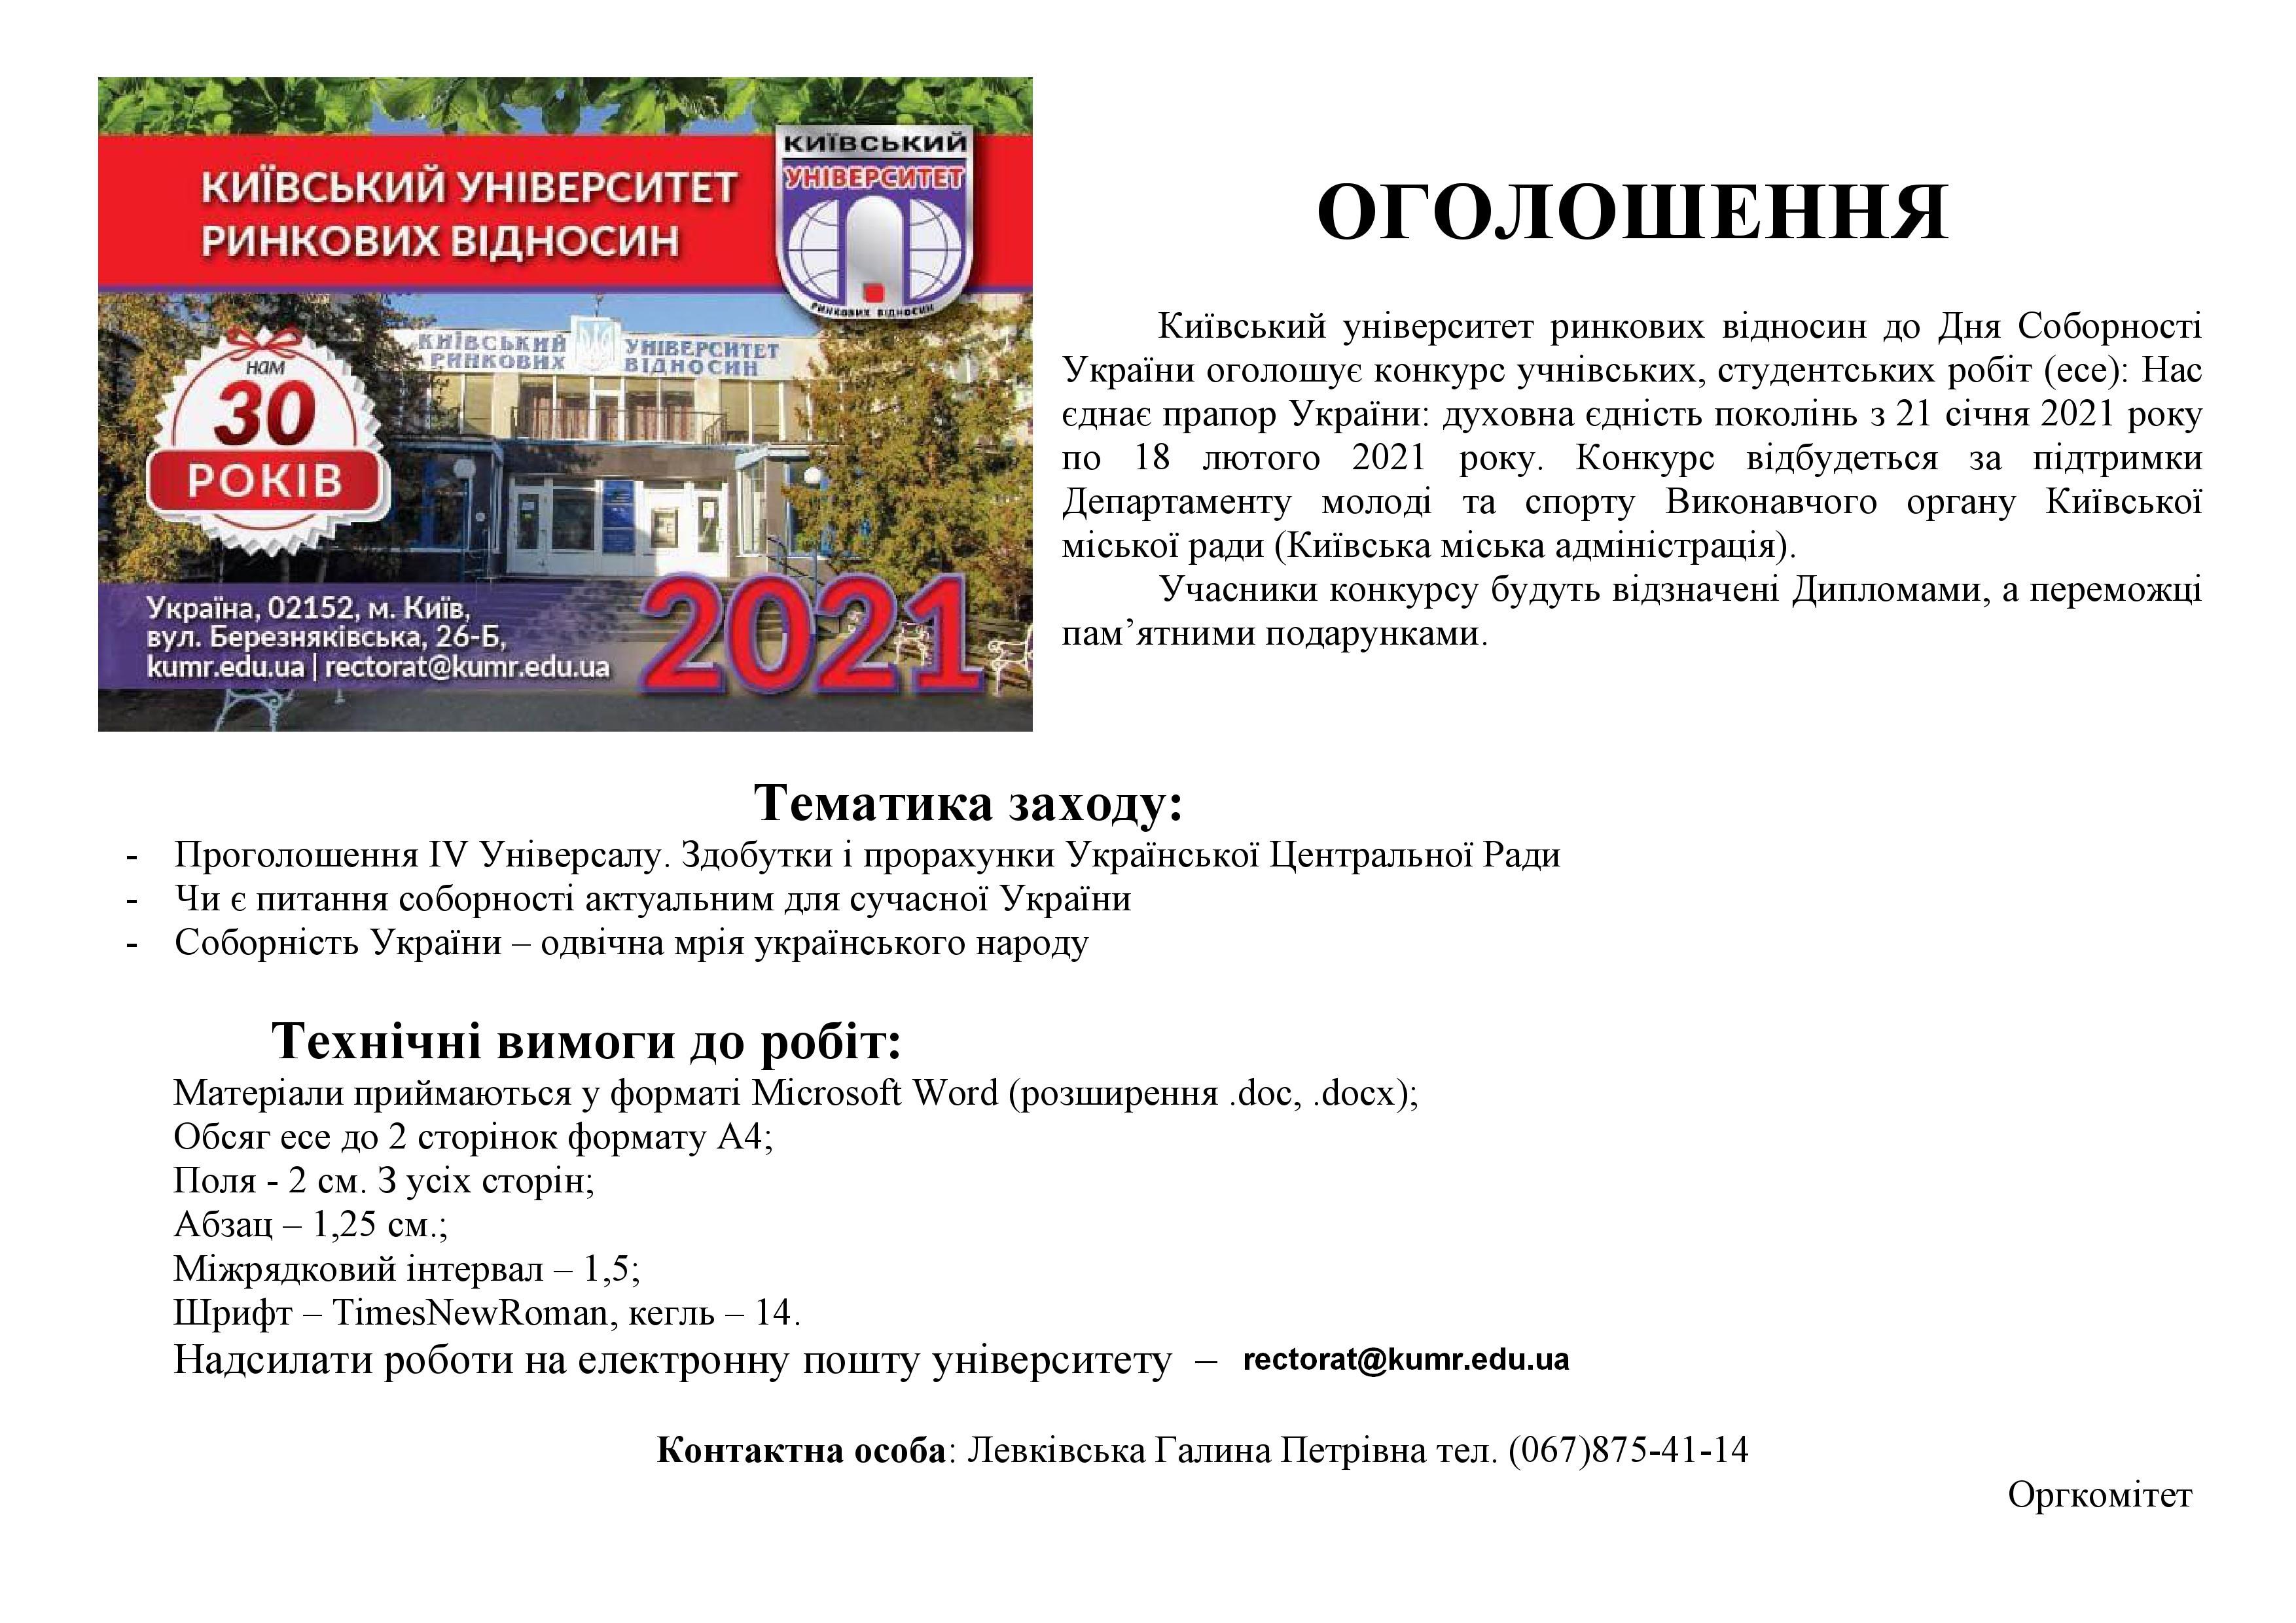 Оголошується конкурс учнівських, студентських робіт (есе): Нас єднає прапор України: духовна єдність поколінь